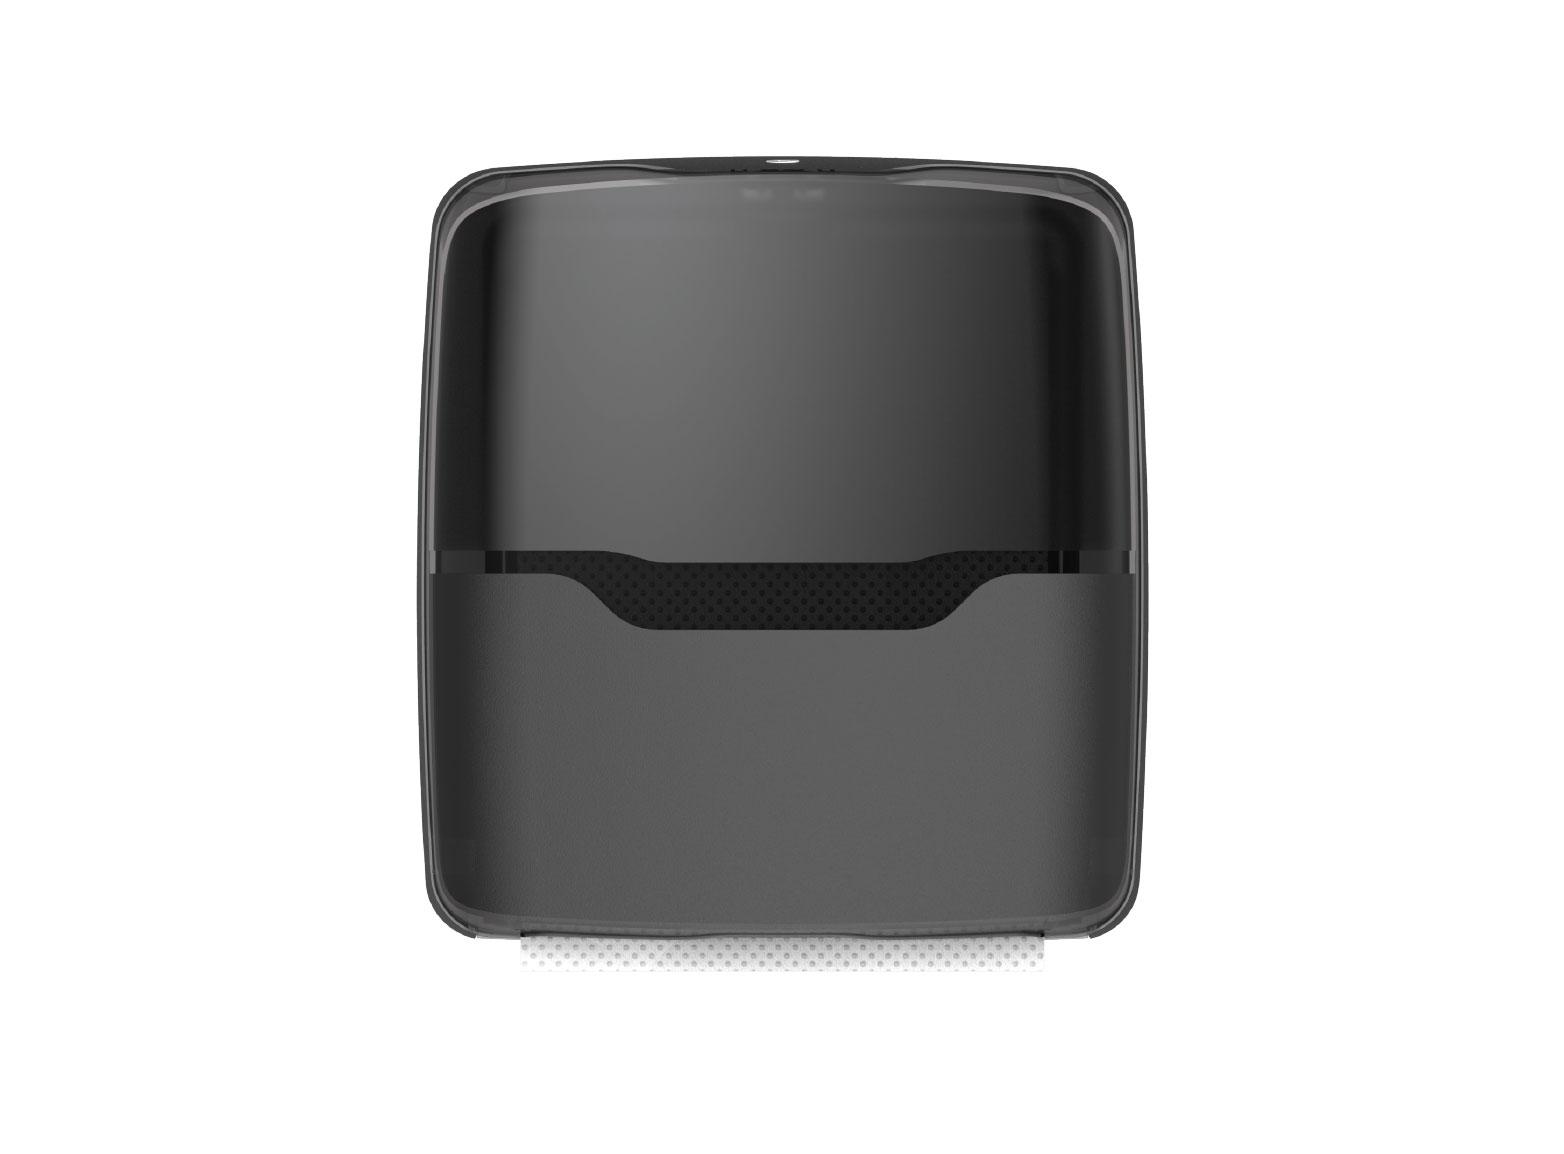 Sensor Operated Paper Towel Dispenser